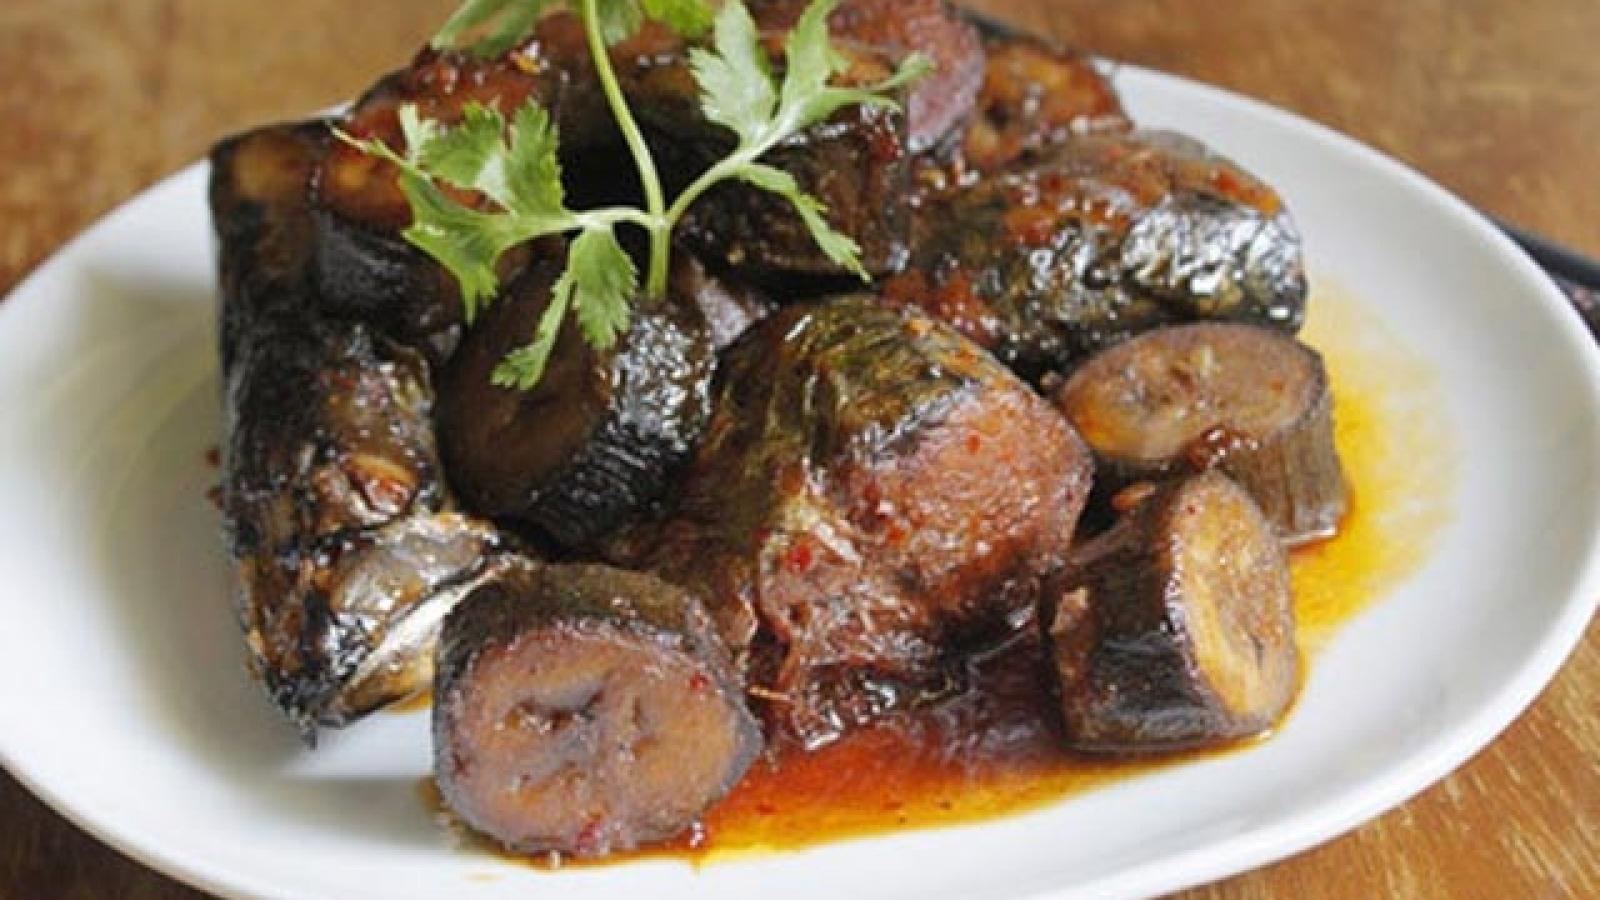 Bí quyết làm nên món cá kho chuối riềng đậm đà, thơm ngon